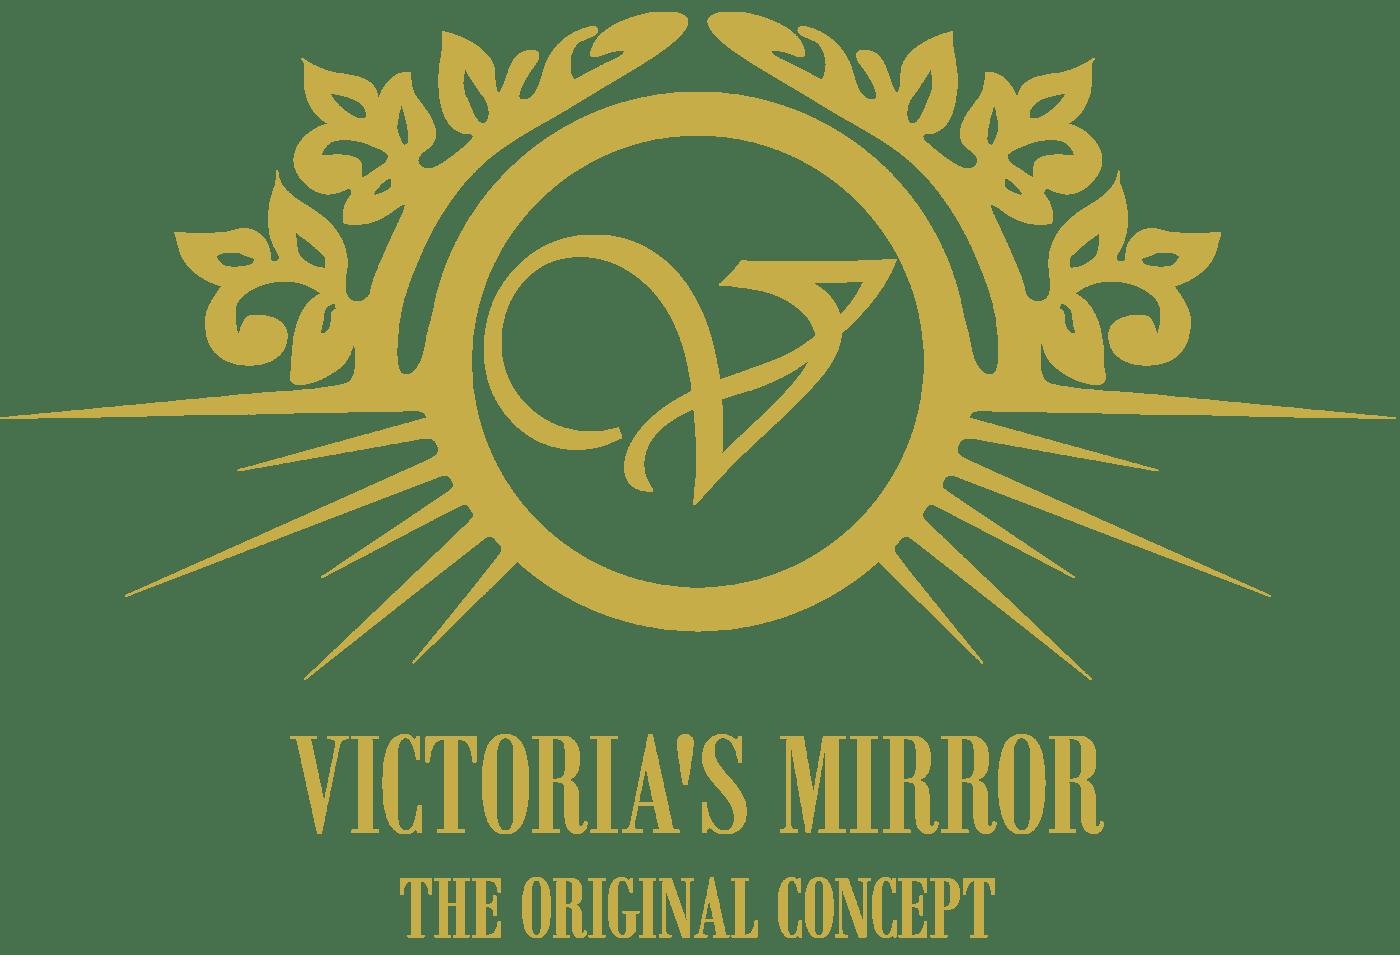 VICTORIA'S MIRROR